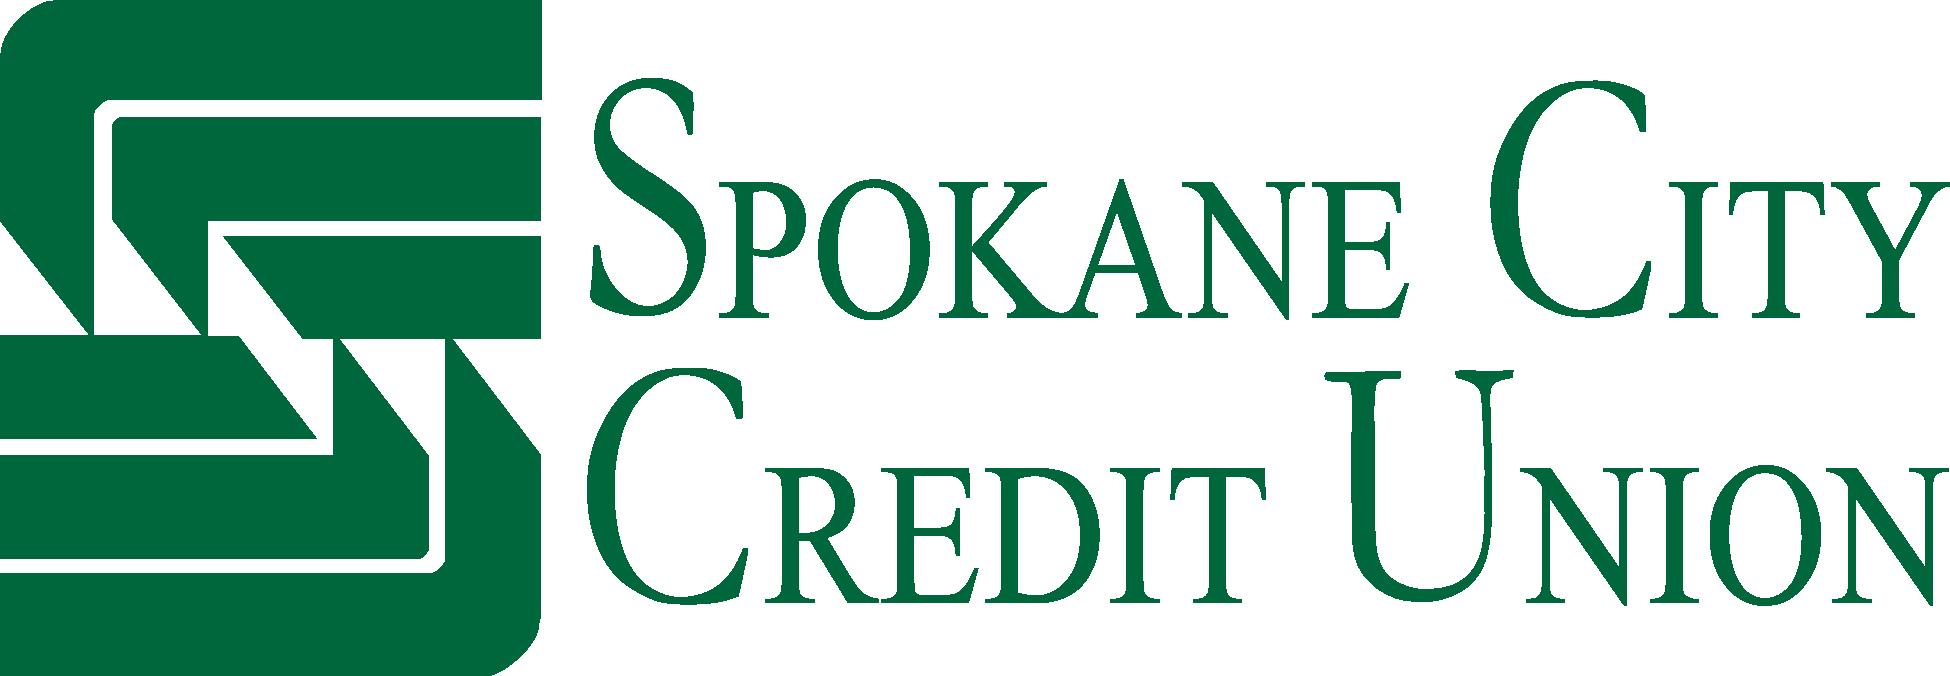 Spokane City CU